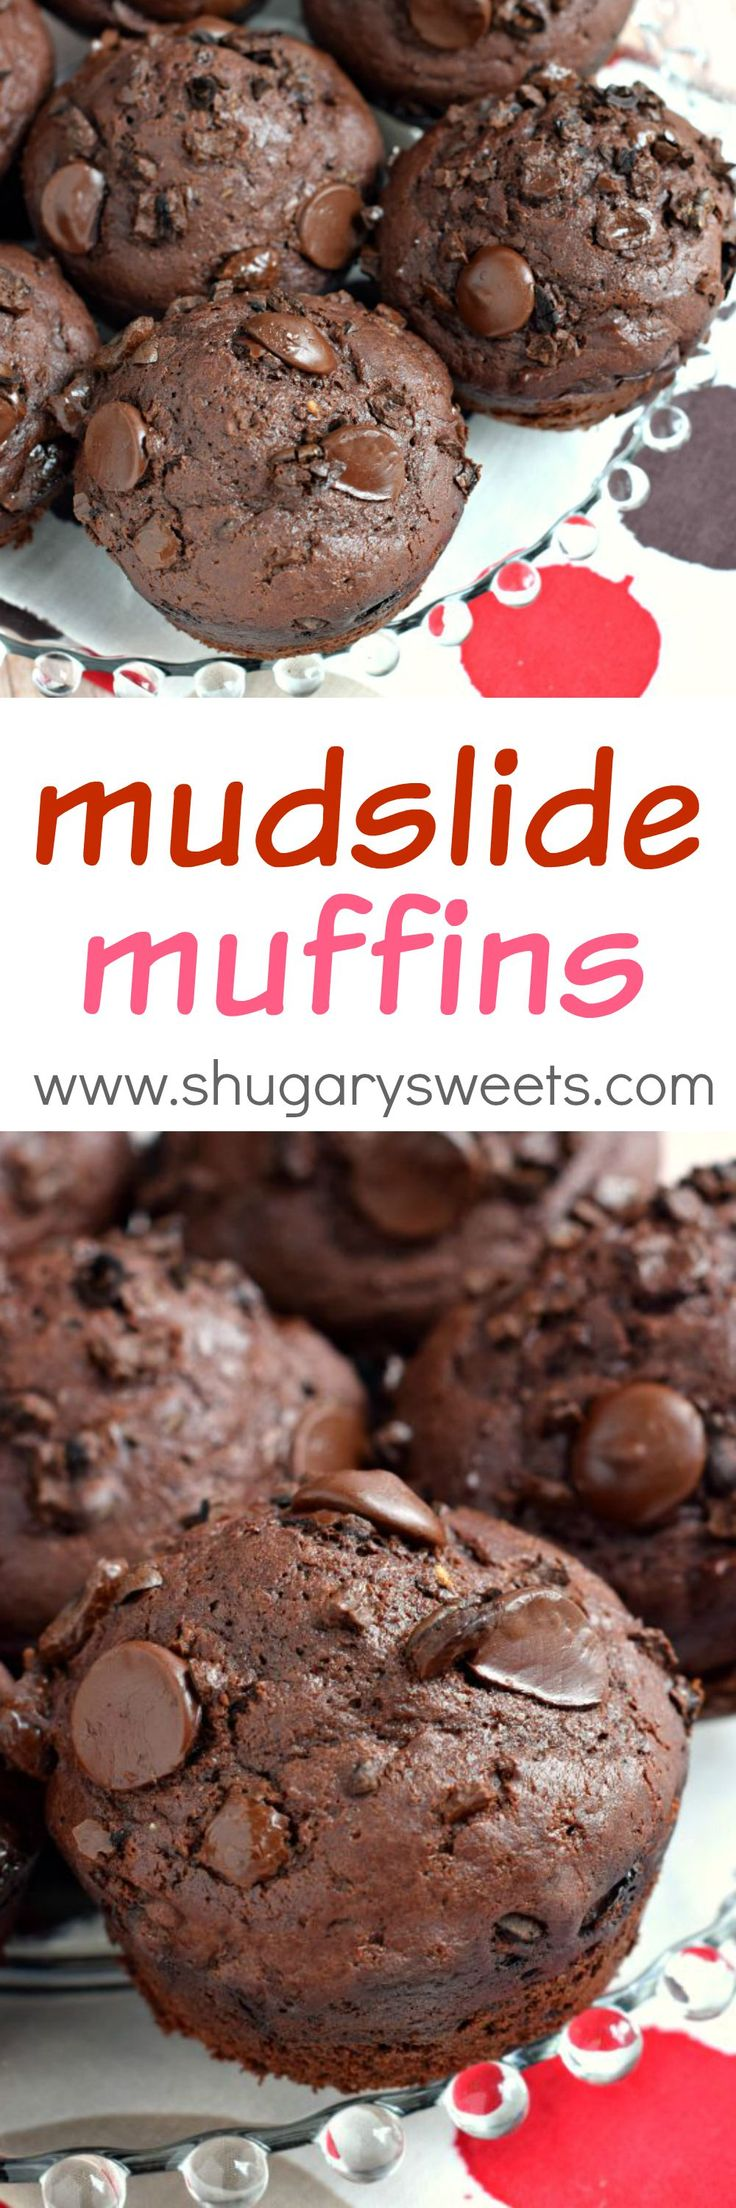 El doble de chocolate, granos de café expreso trituradas, y algunos de vainilla yogur griego hacen que estos molletes Mudslide el desayuno perfecto!